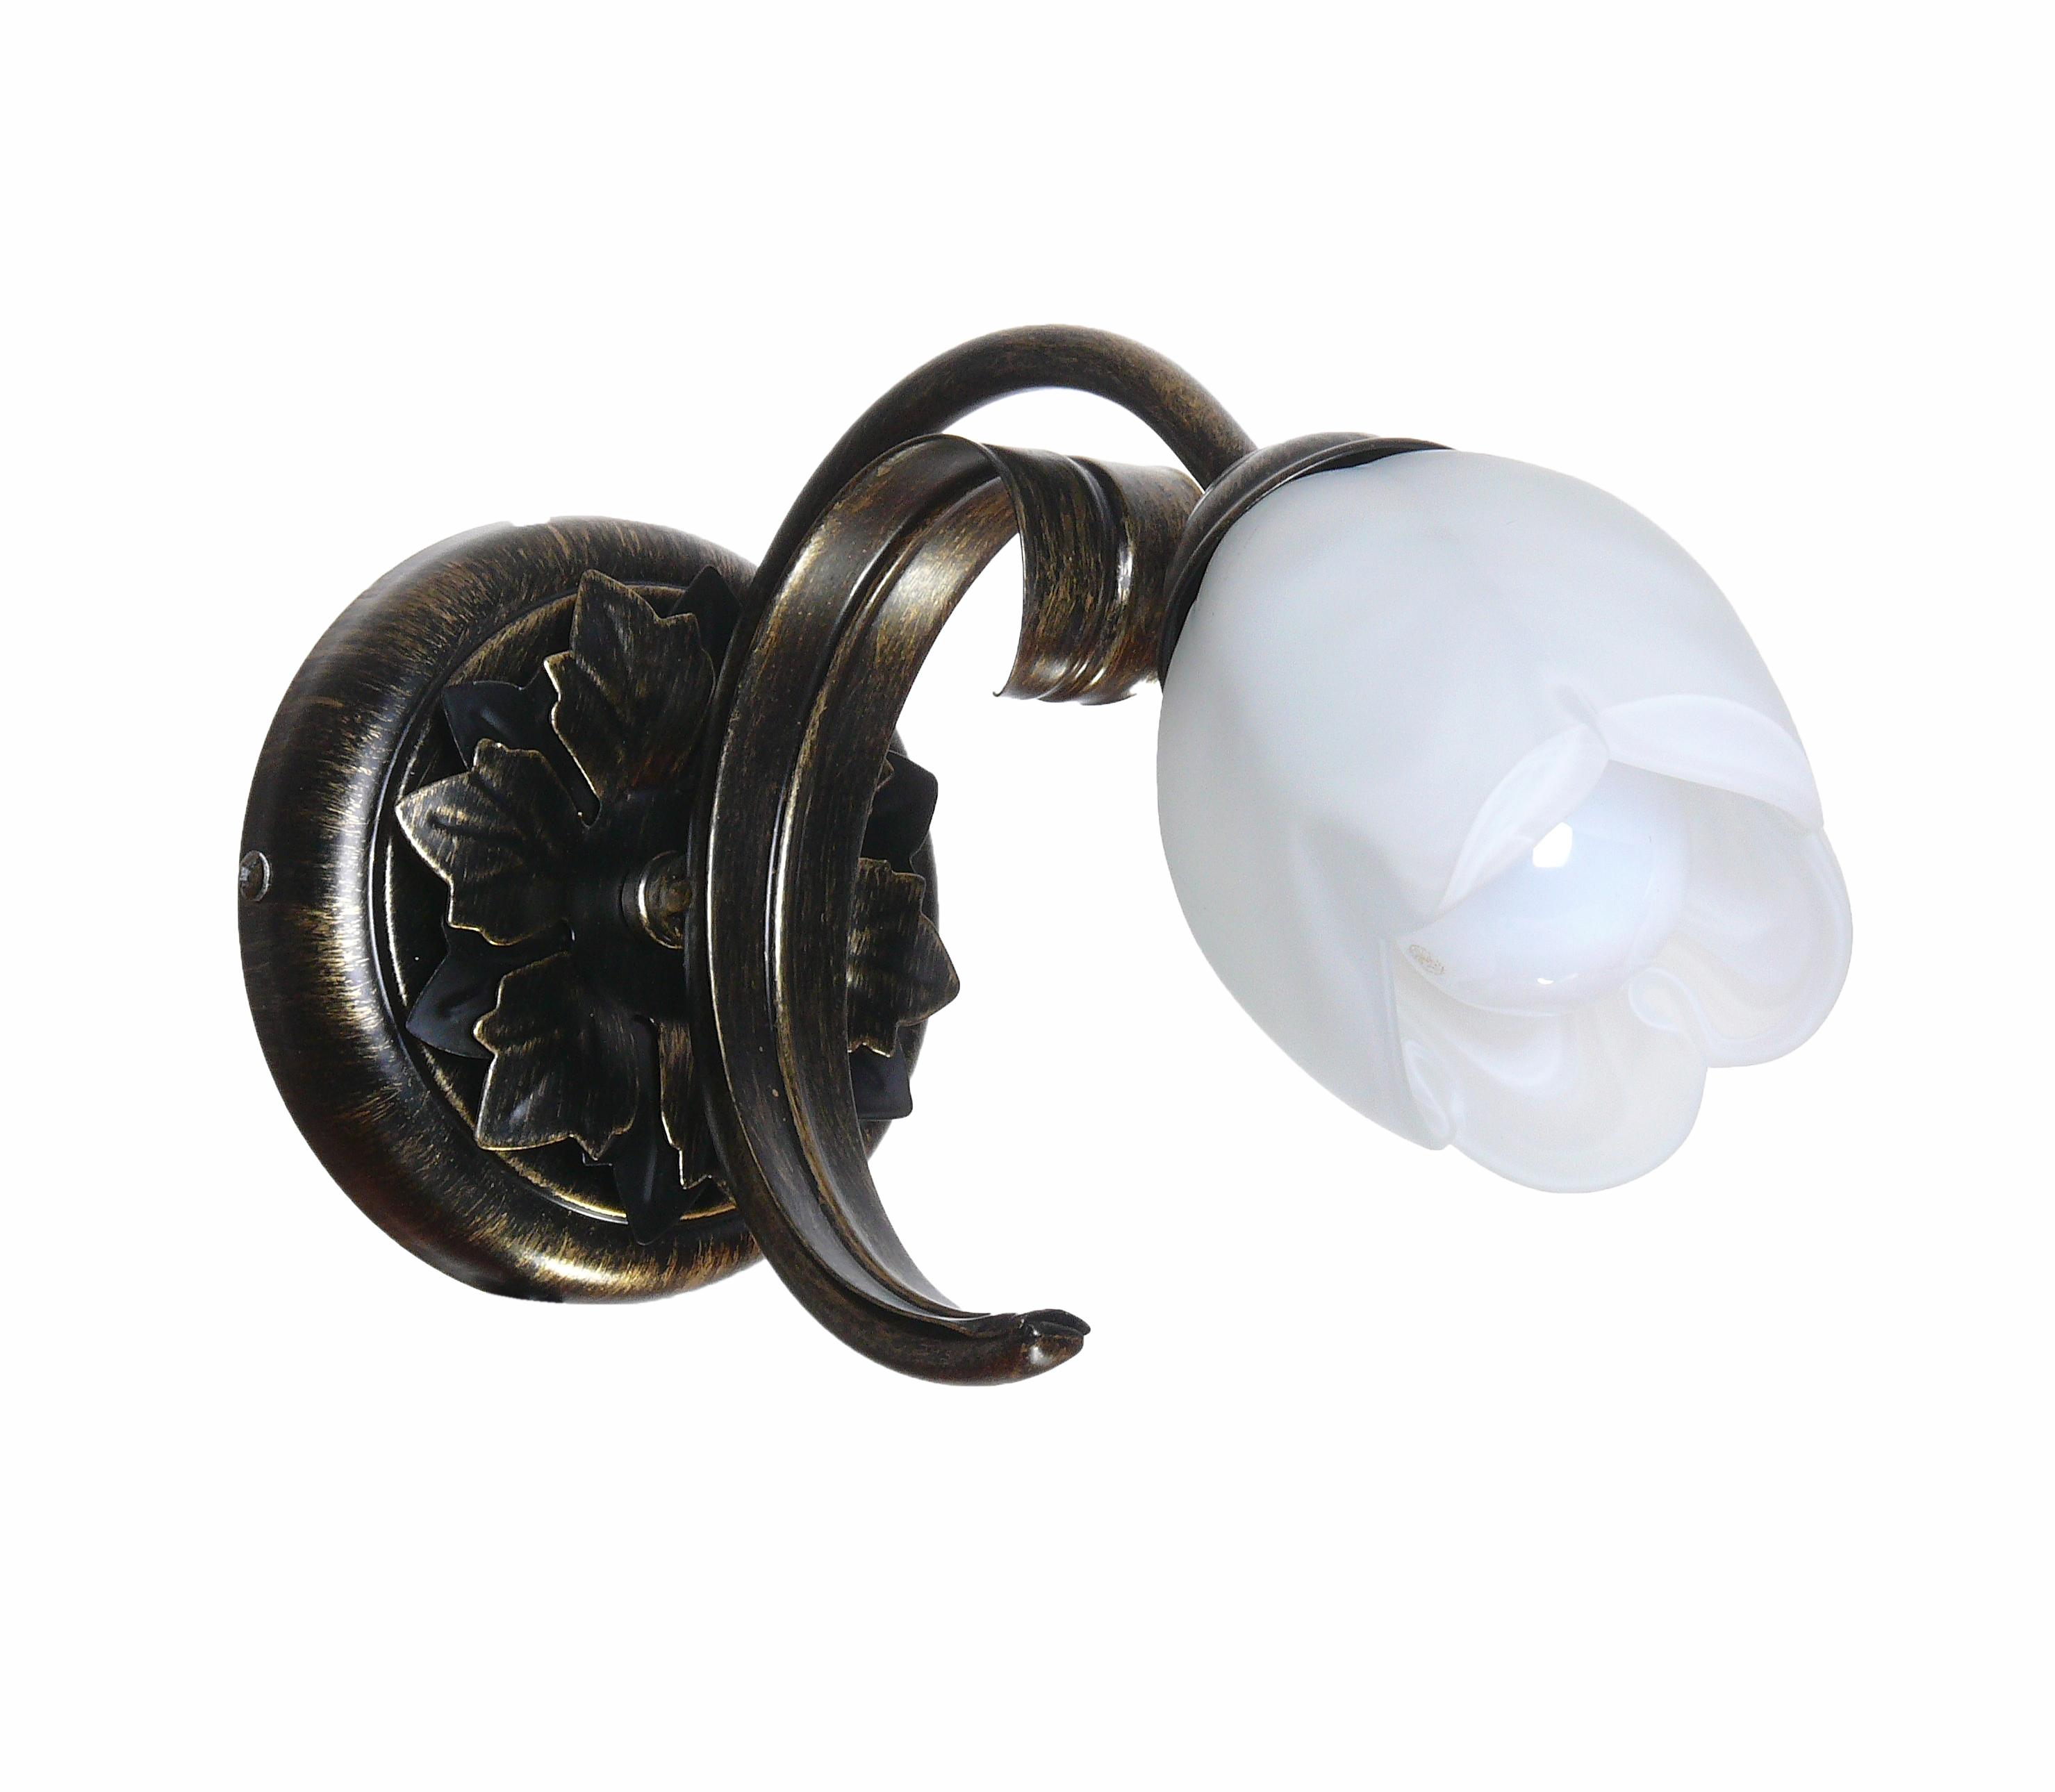 Светильник настенный АВРОРА Флоренция 10114-1b светильник настенный аврора лагуна 10023 1b